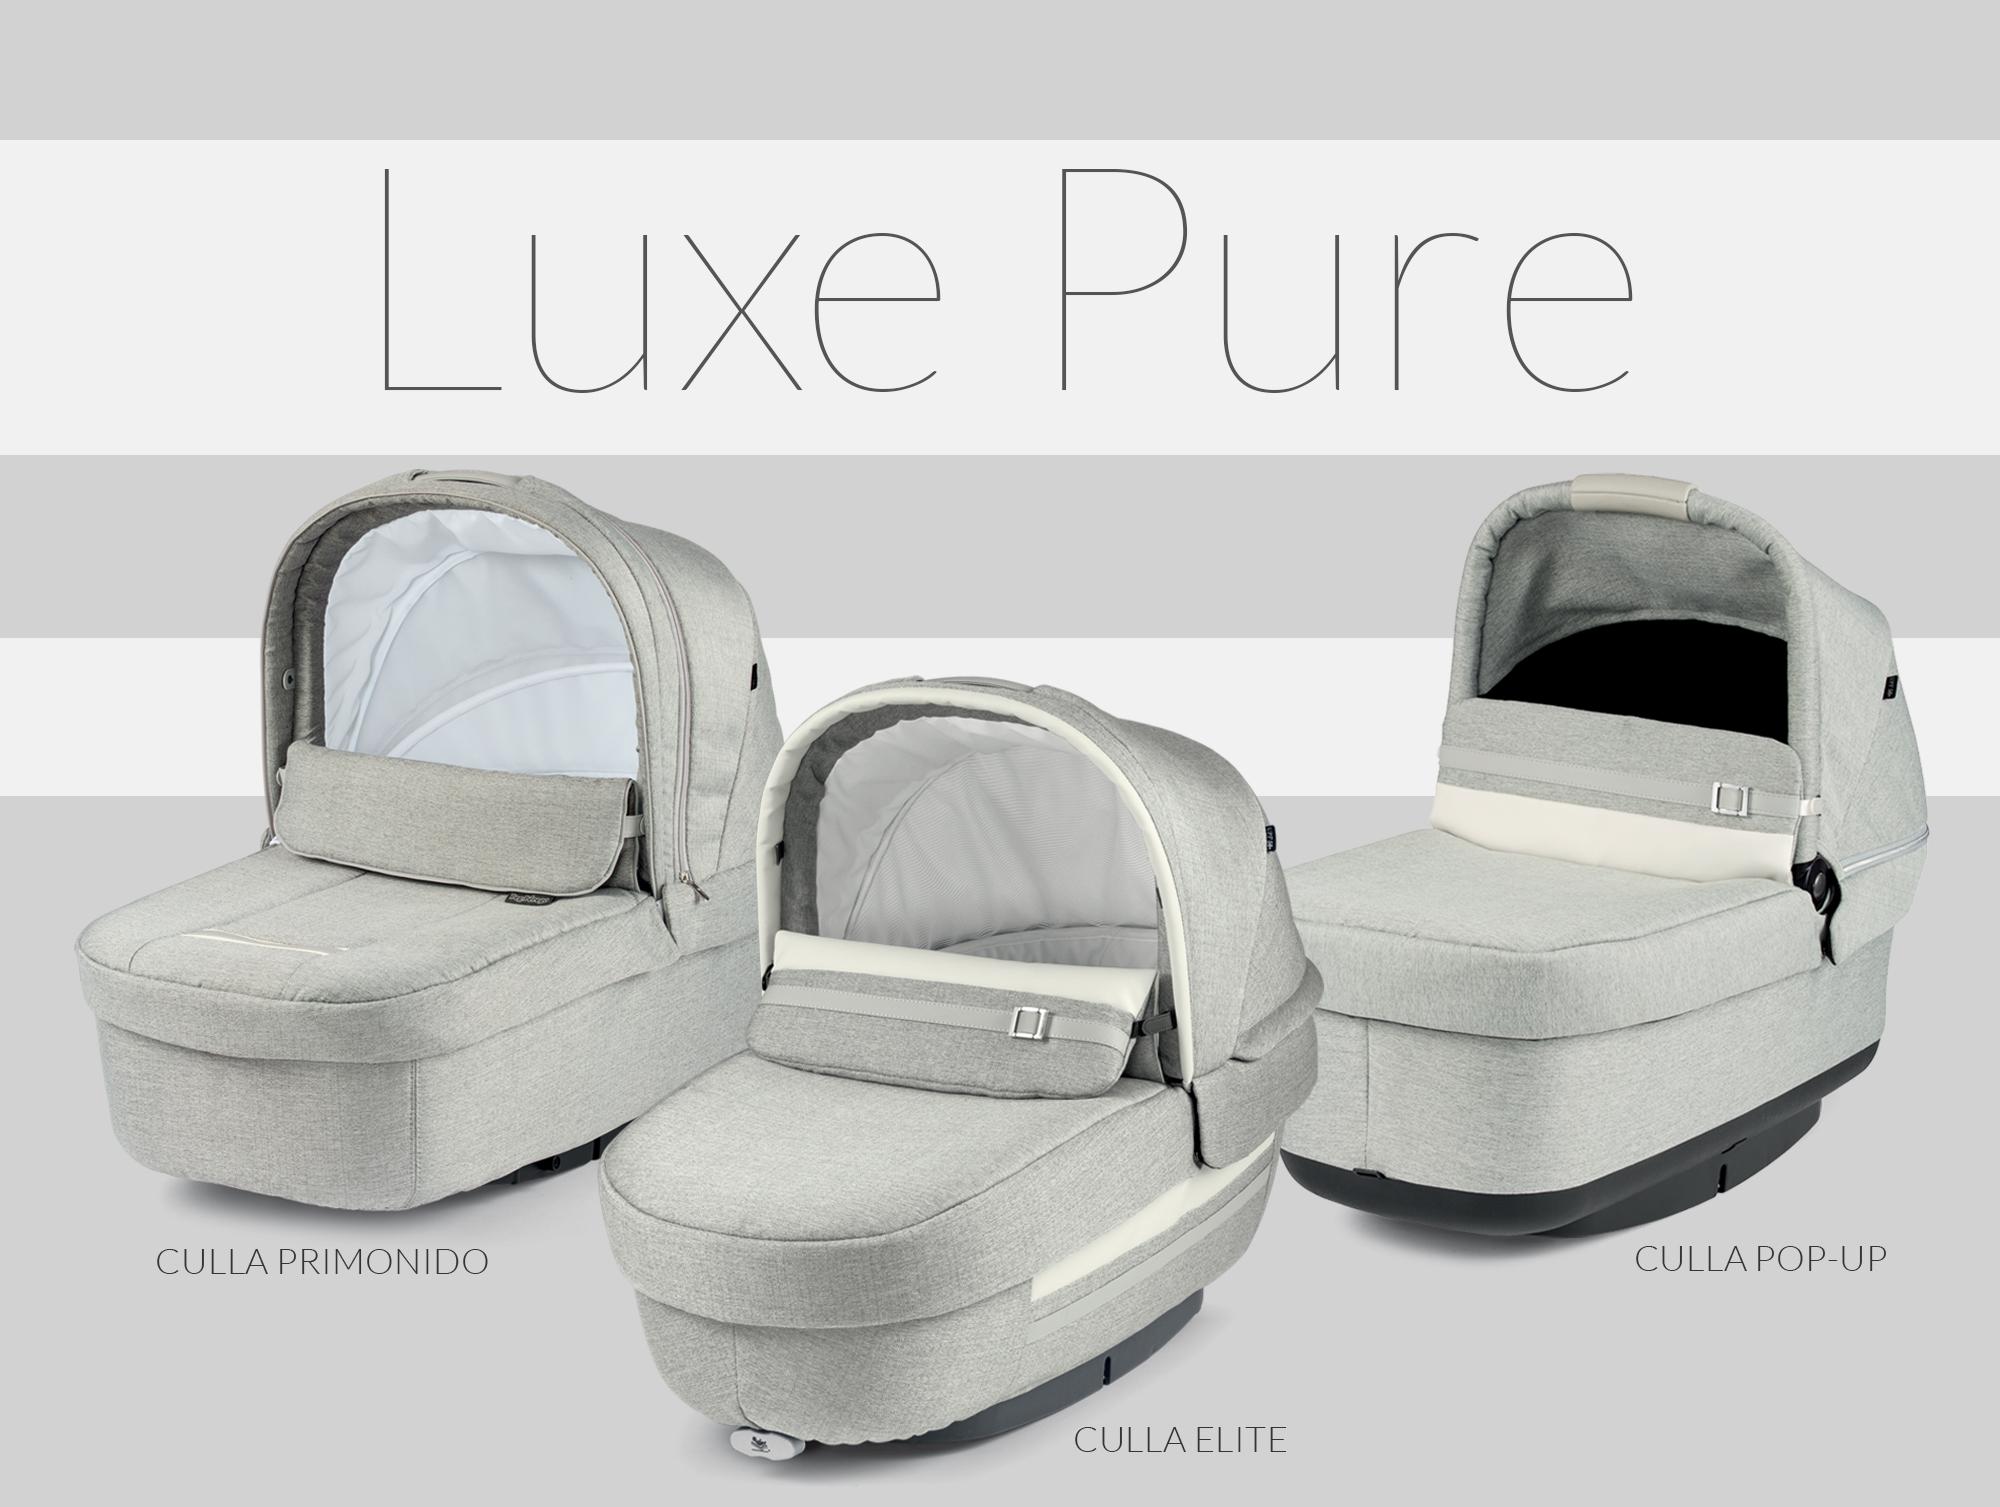 peg perego collezione luxe pure